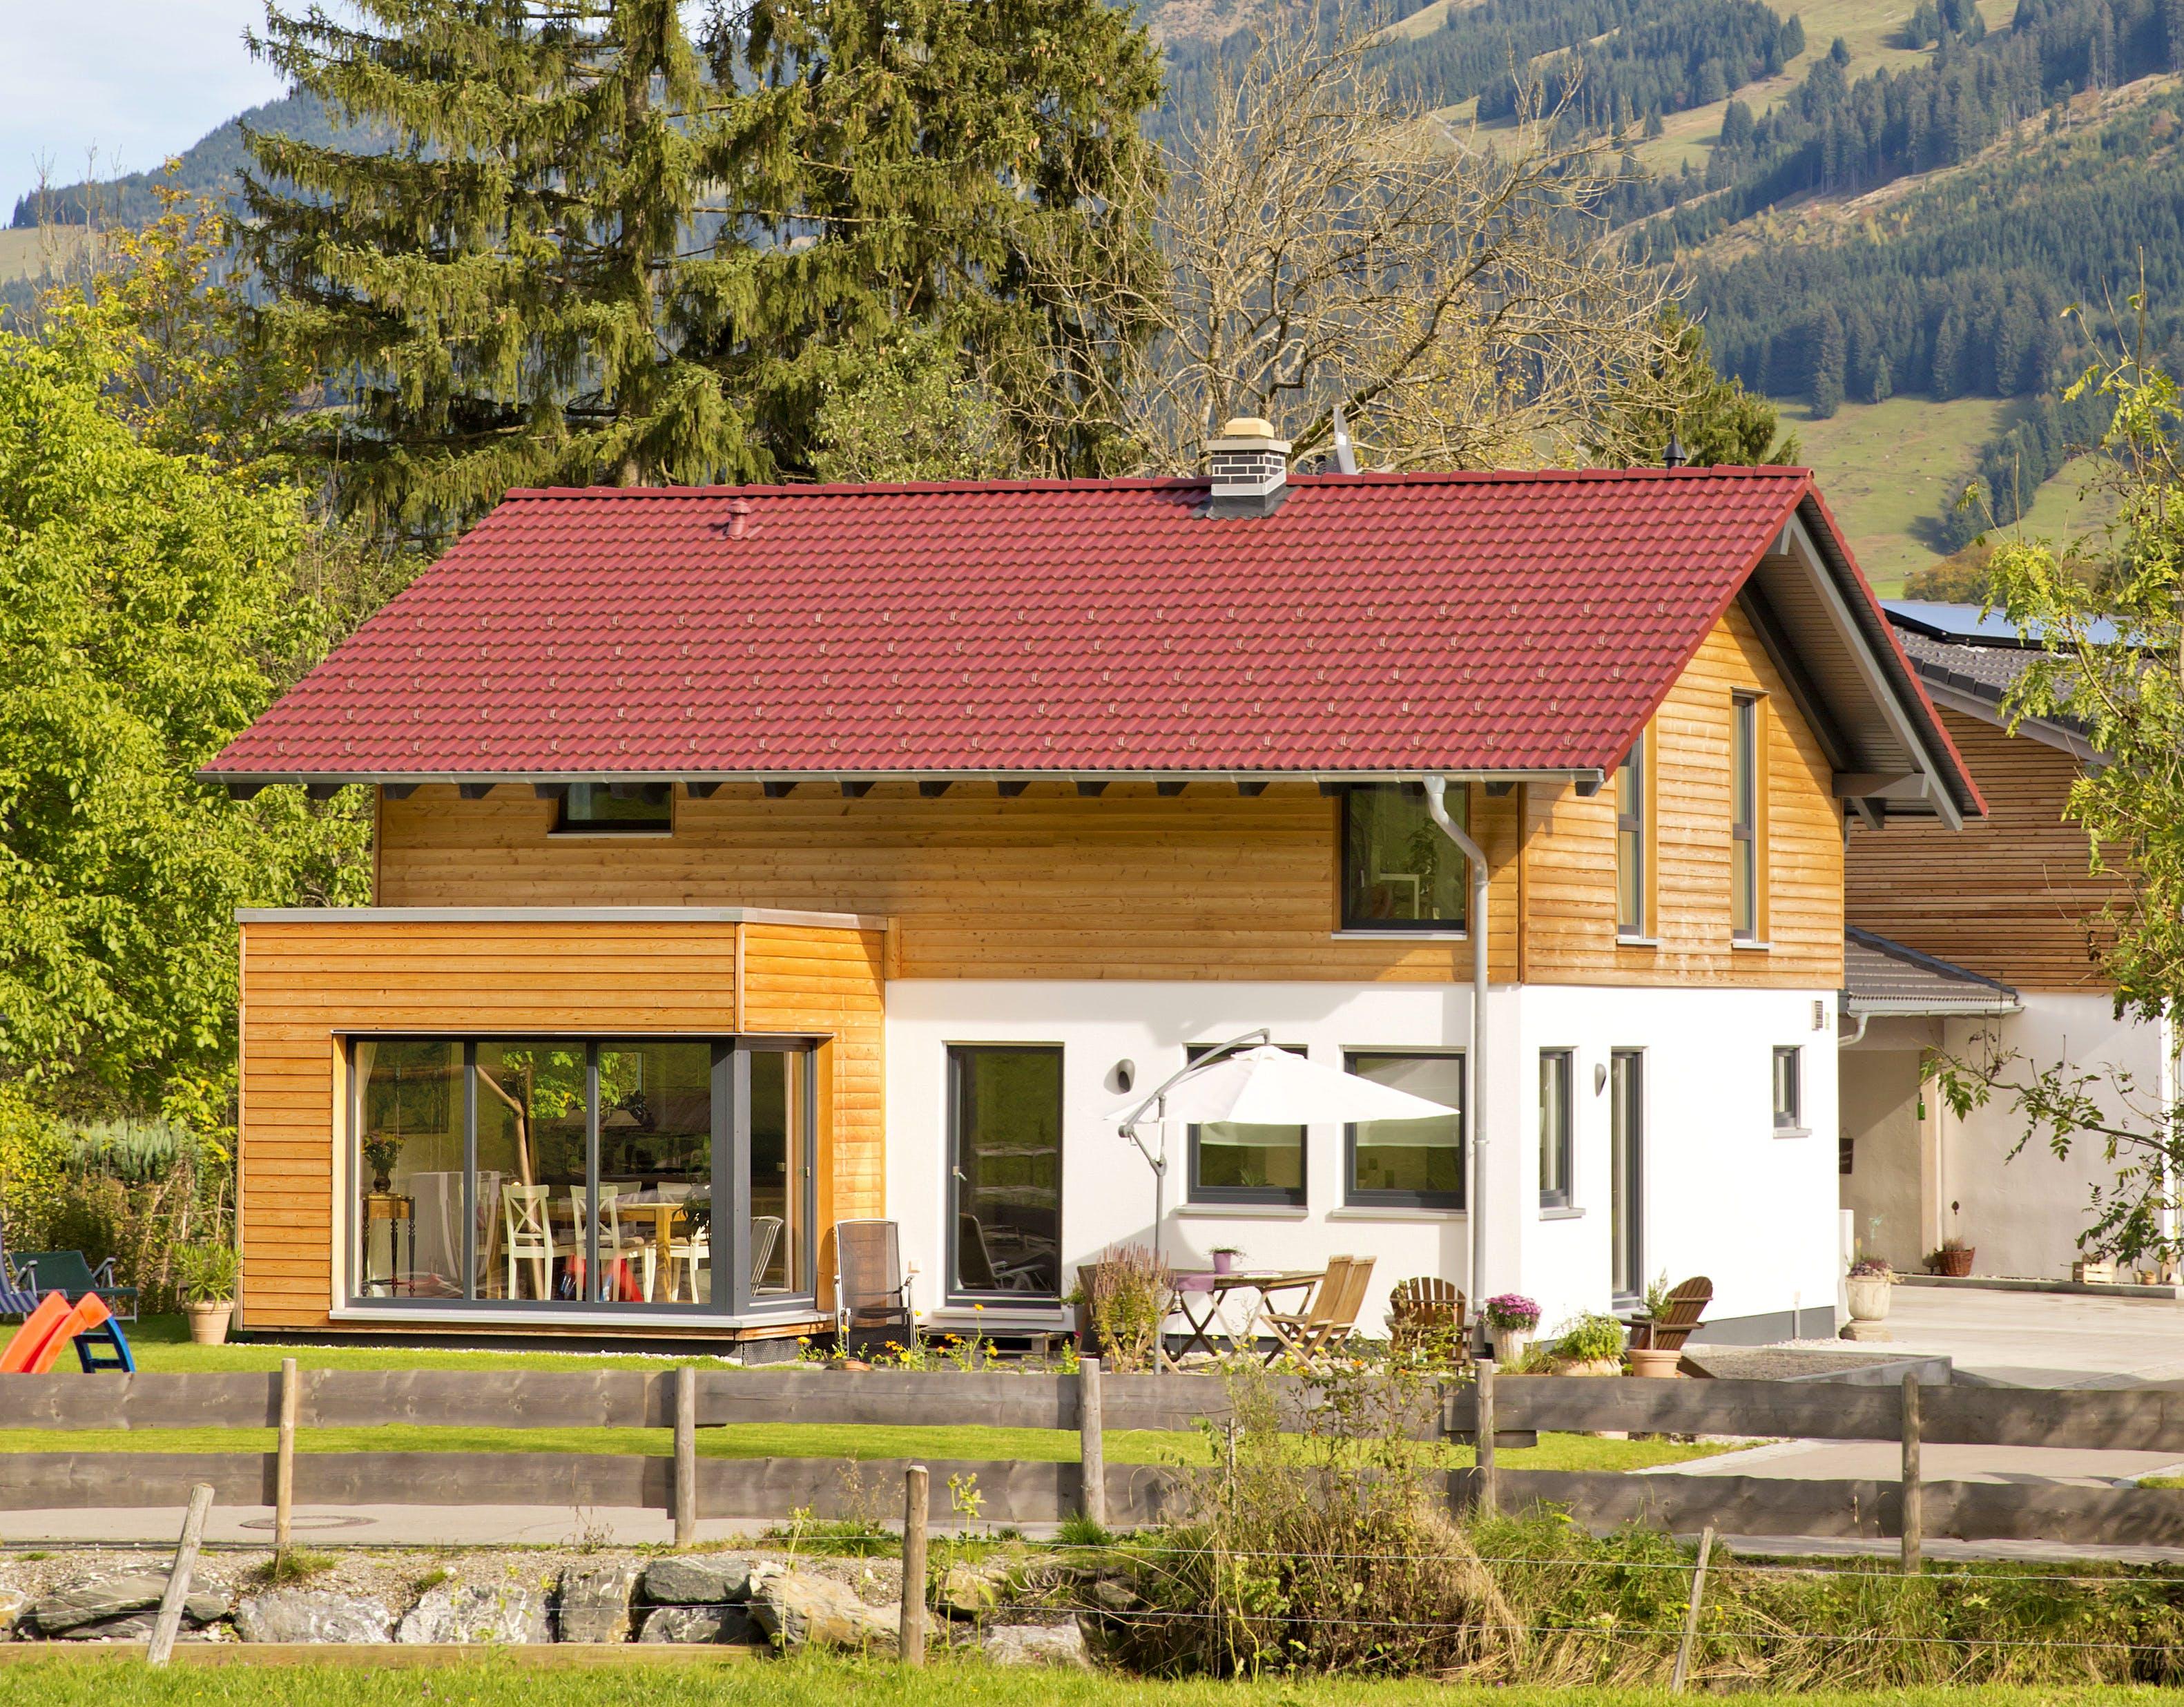 Fertighaus bauernhausstil  Alpenländischer Hausstil ➔ Häuser | Preise | Anbieter | Infos